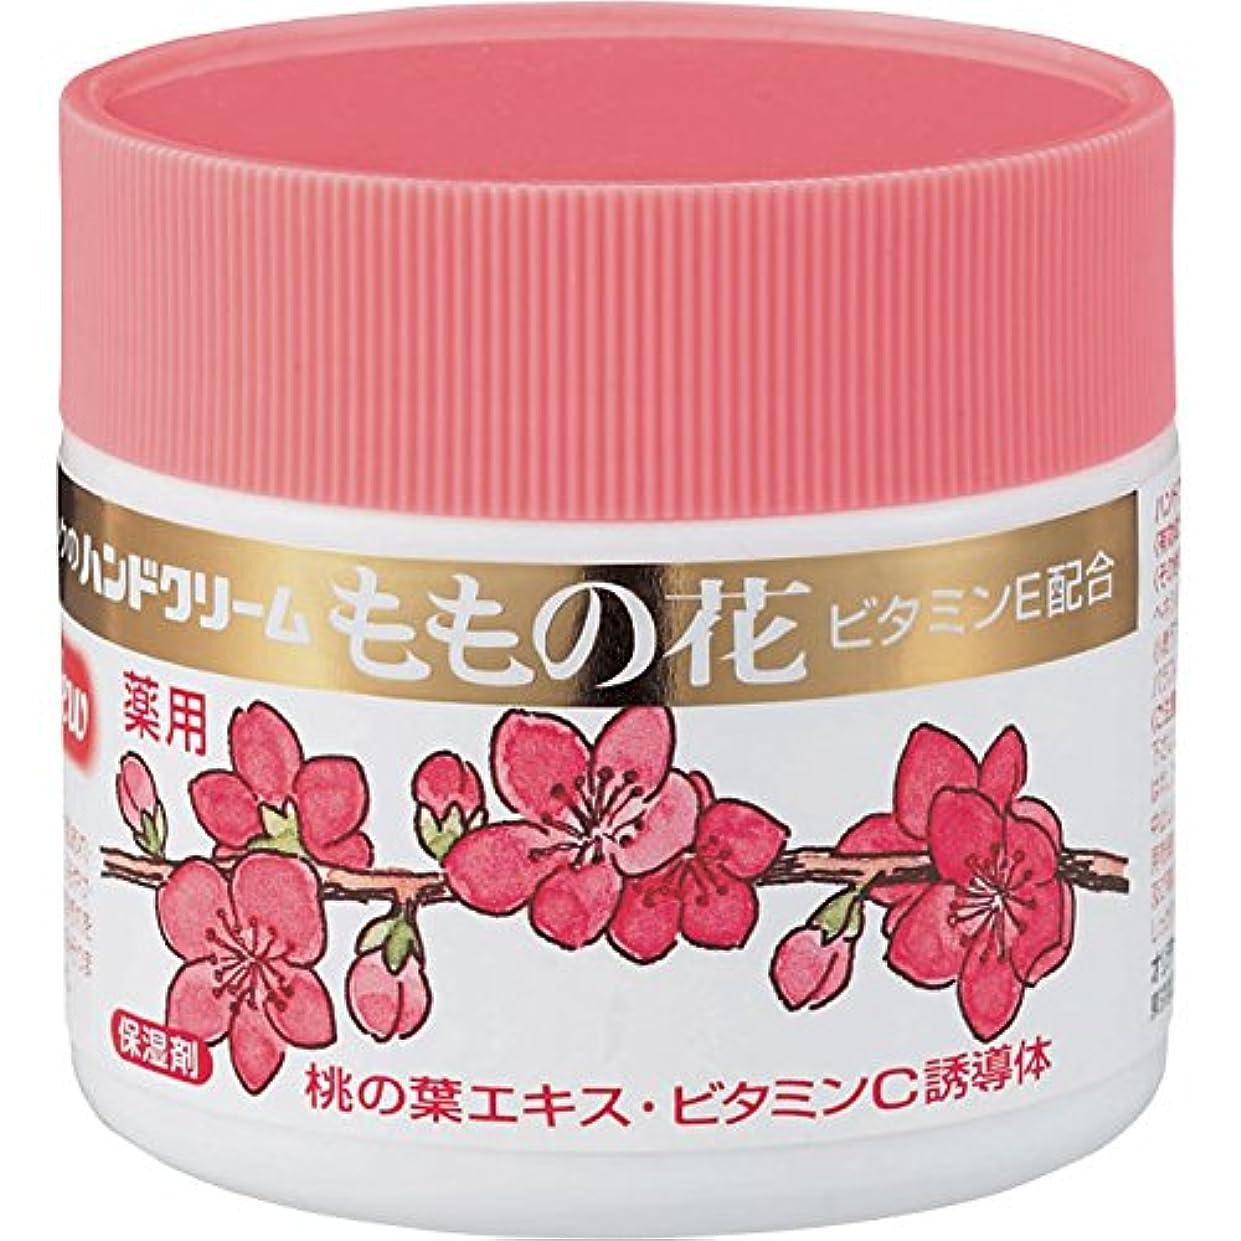 ミシン目抜本的な刺すオリヂナル ハンドクリーム ももの花C 70g(医薬部外品)